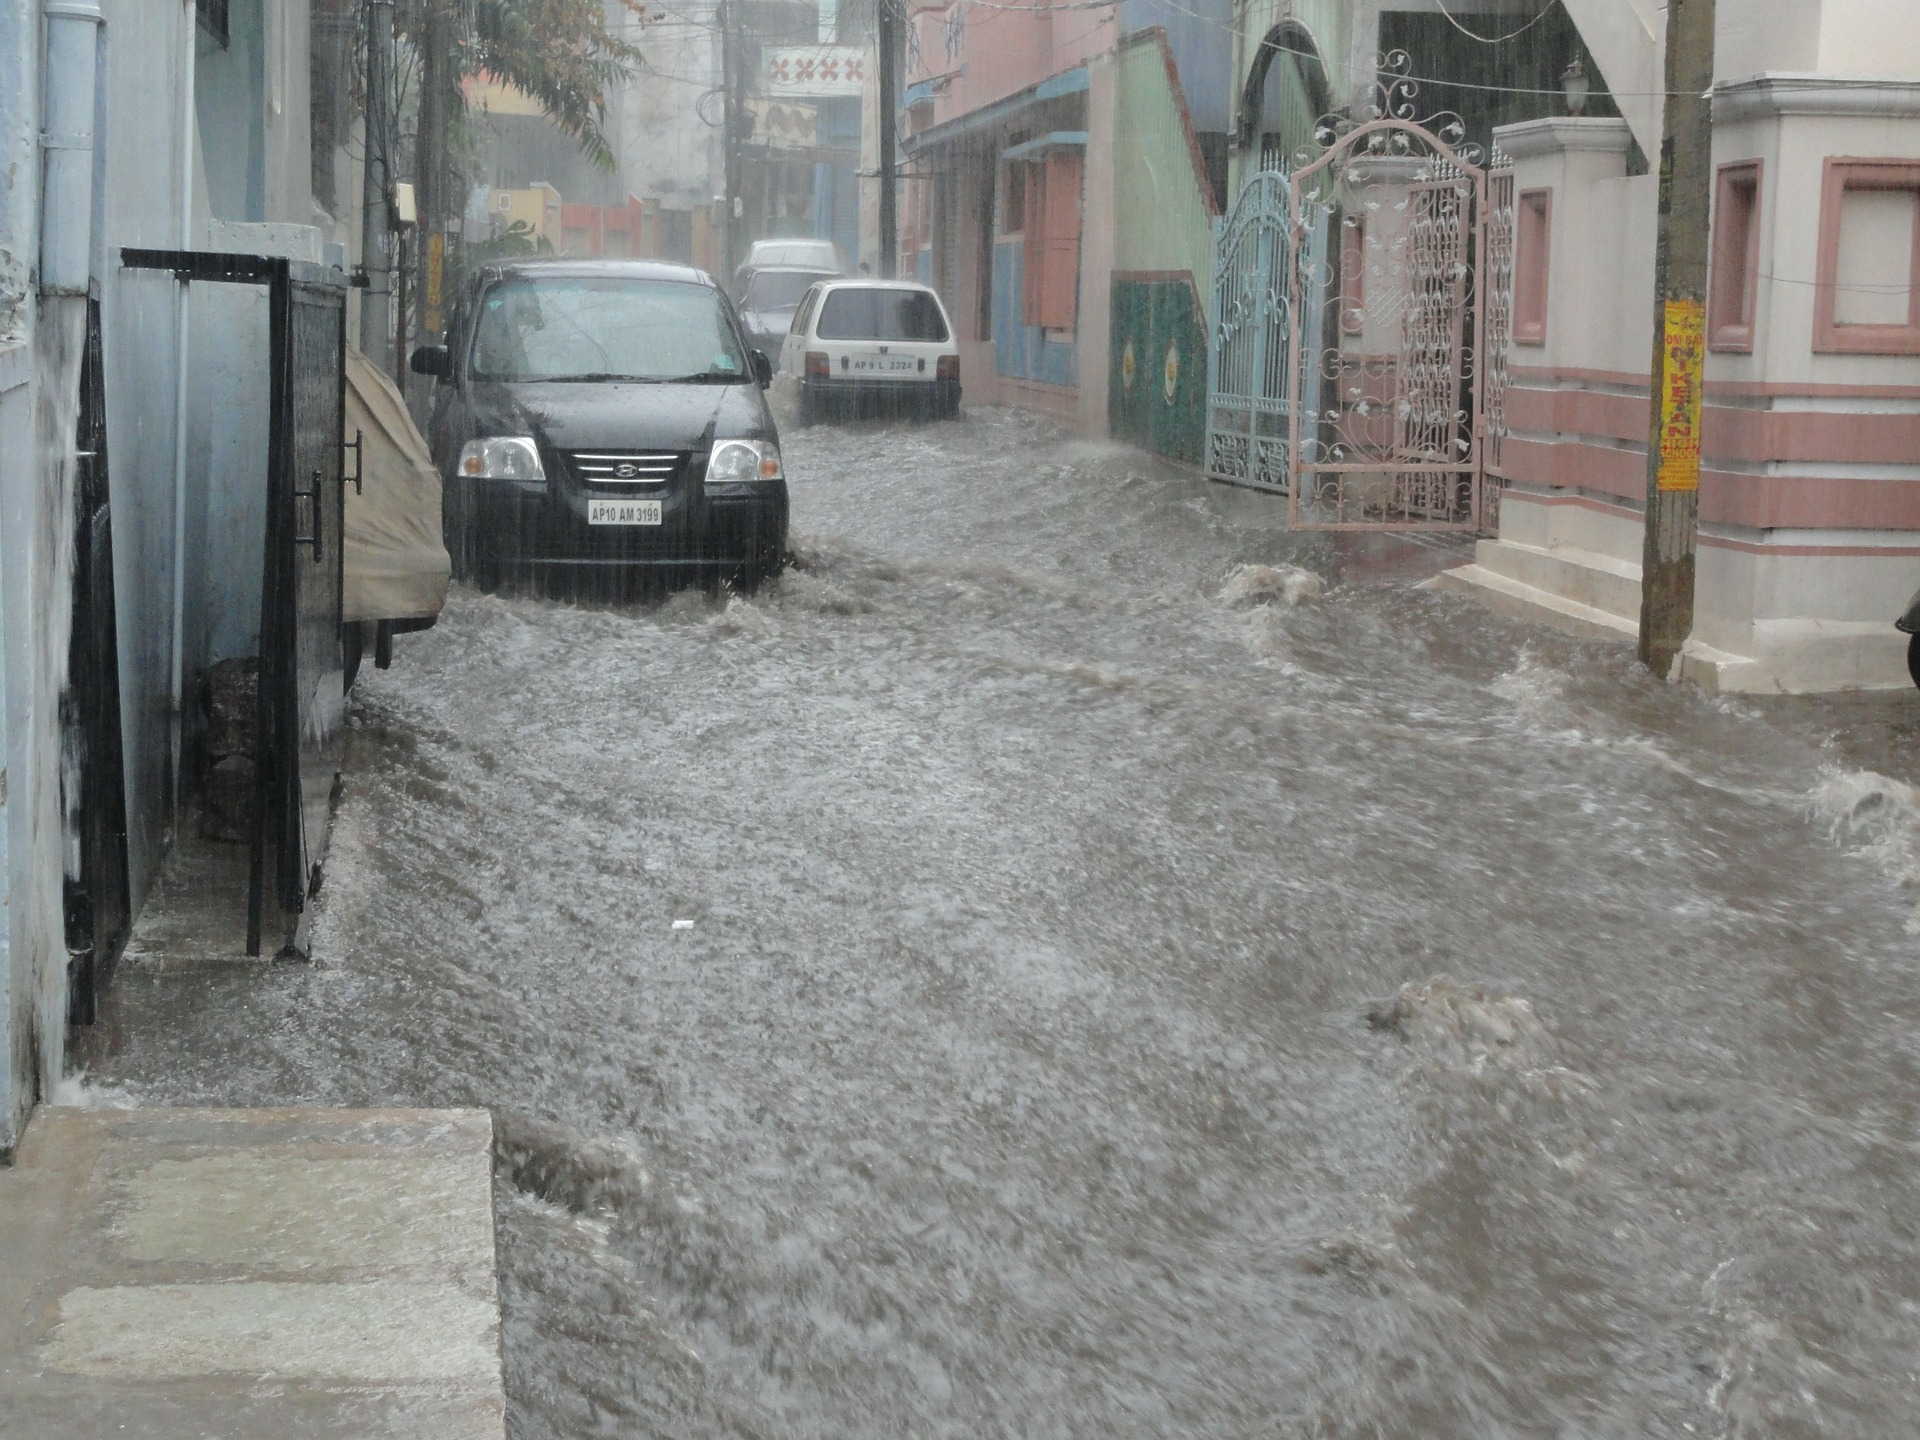 flood-62785_1920.jpg